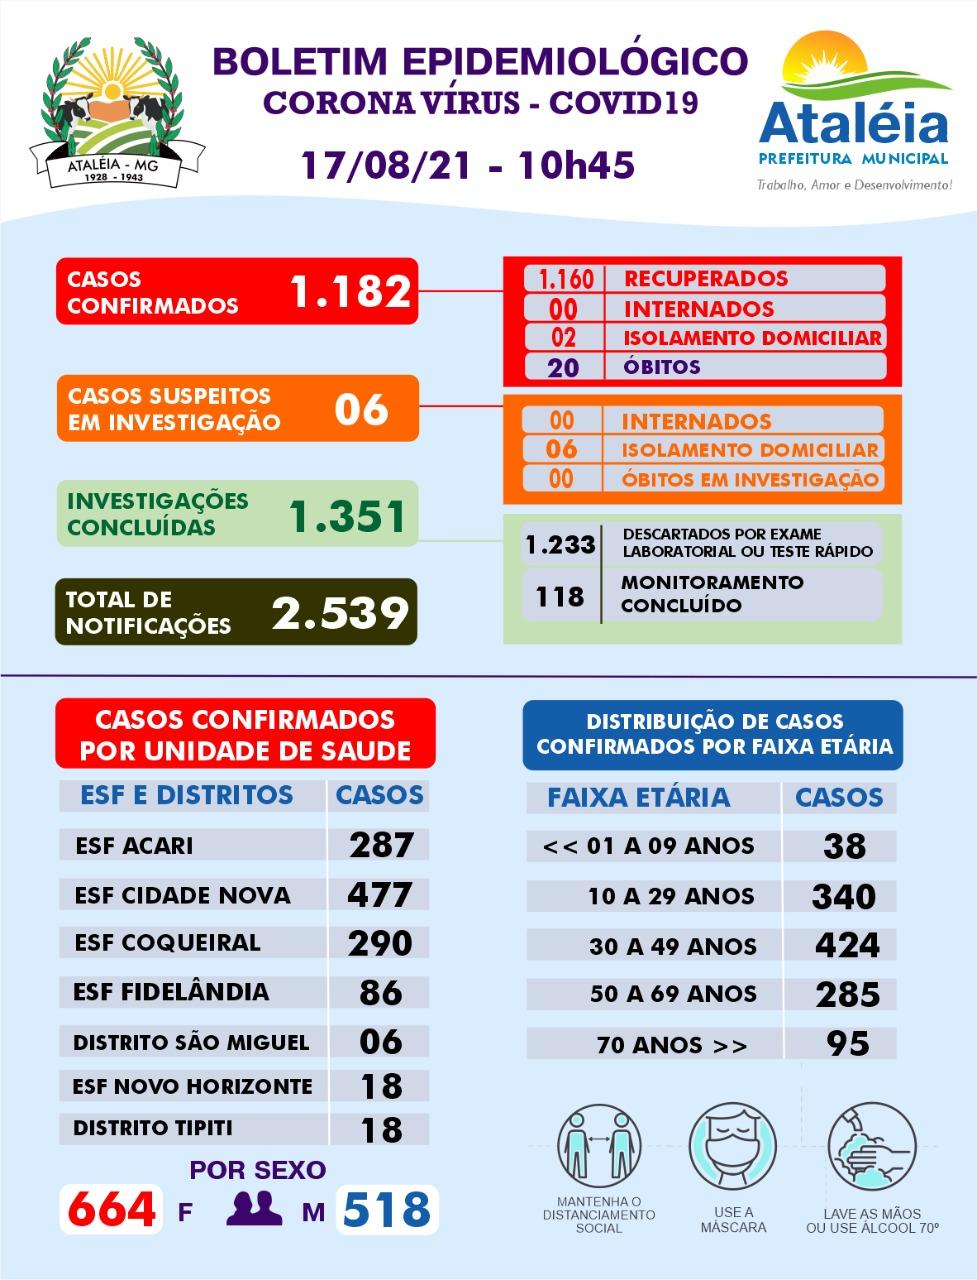 BOLETIM ATUALIZADO - 17 DE AGOSTO DE 2021 📊🚑